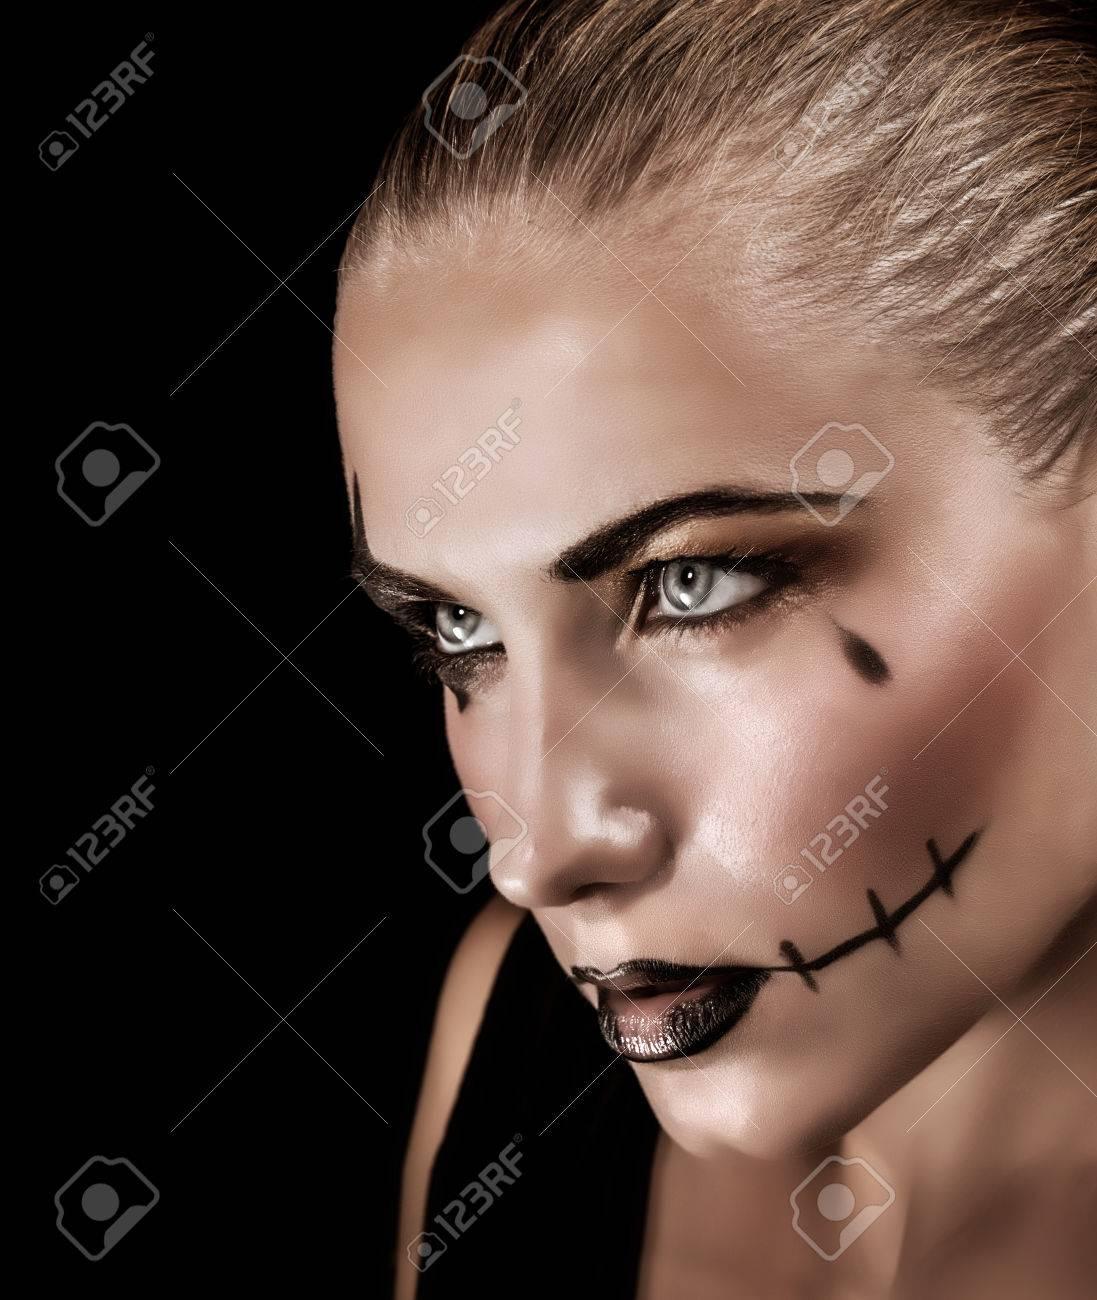 Portrat Von Aggressiven Jungen Frau Mit Make Up Und Gruseligen